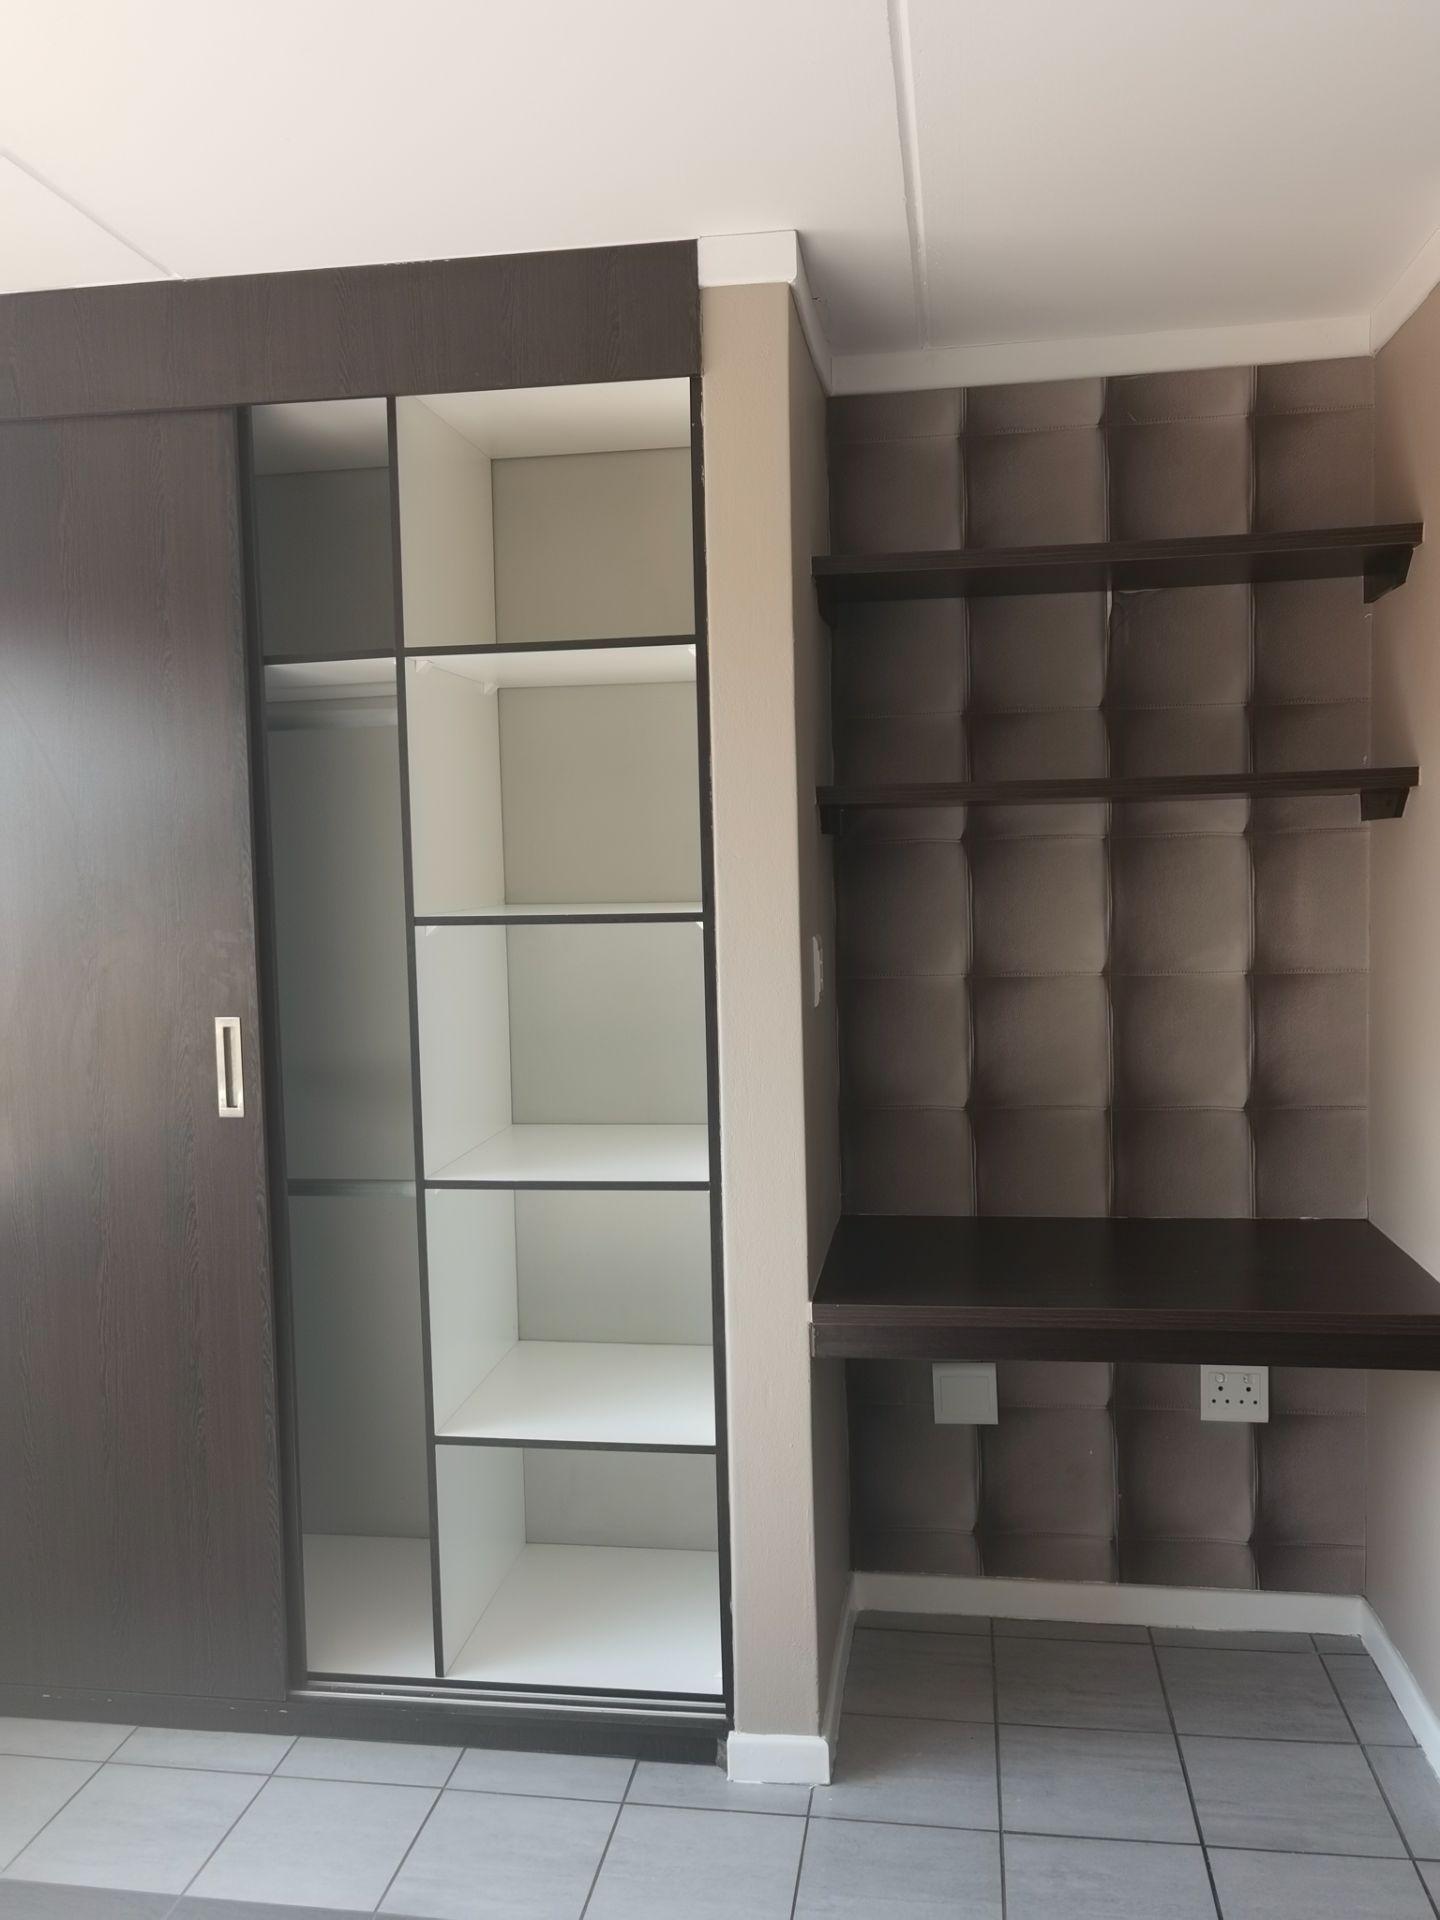 Cupboard space.jpg